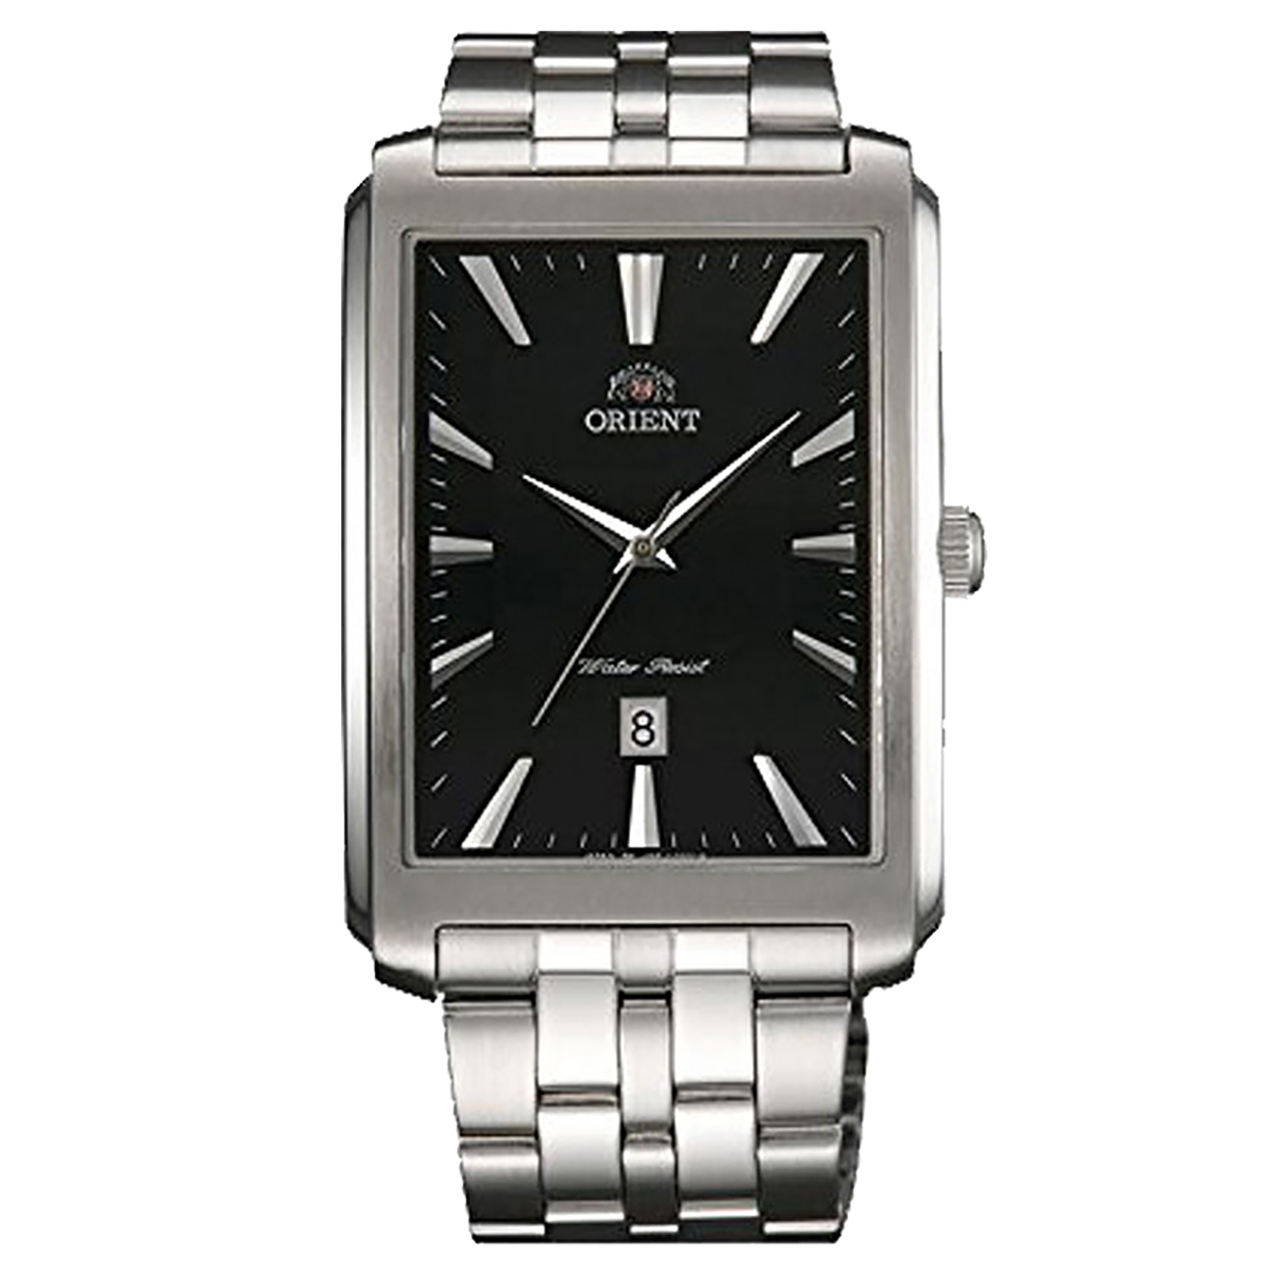 ساعت مچی عقربه ای مردانه  اورینت مدل SUNEJ003B0 57